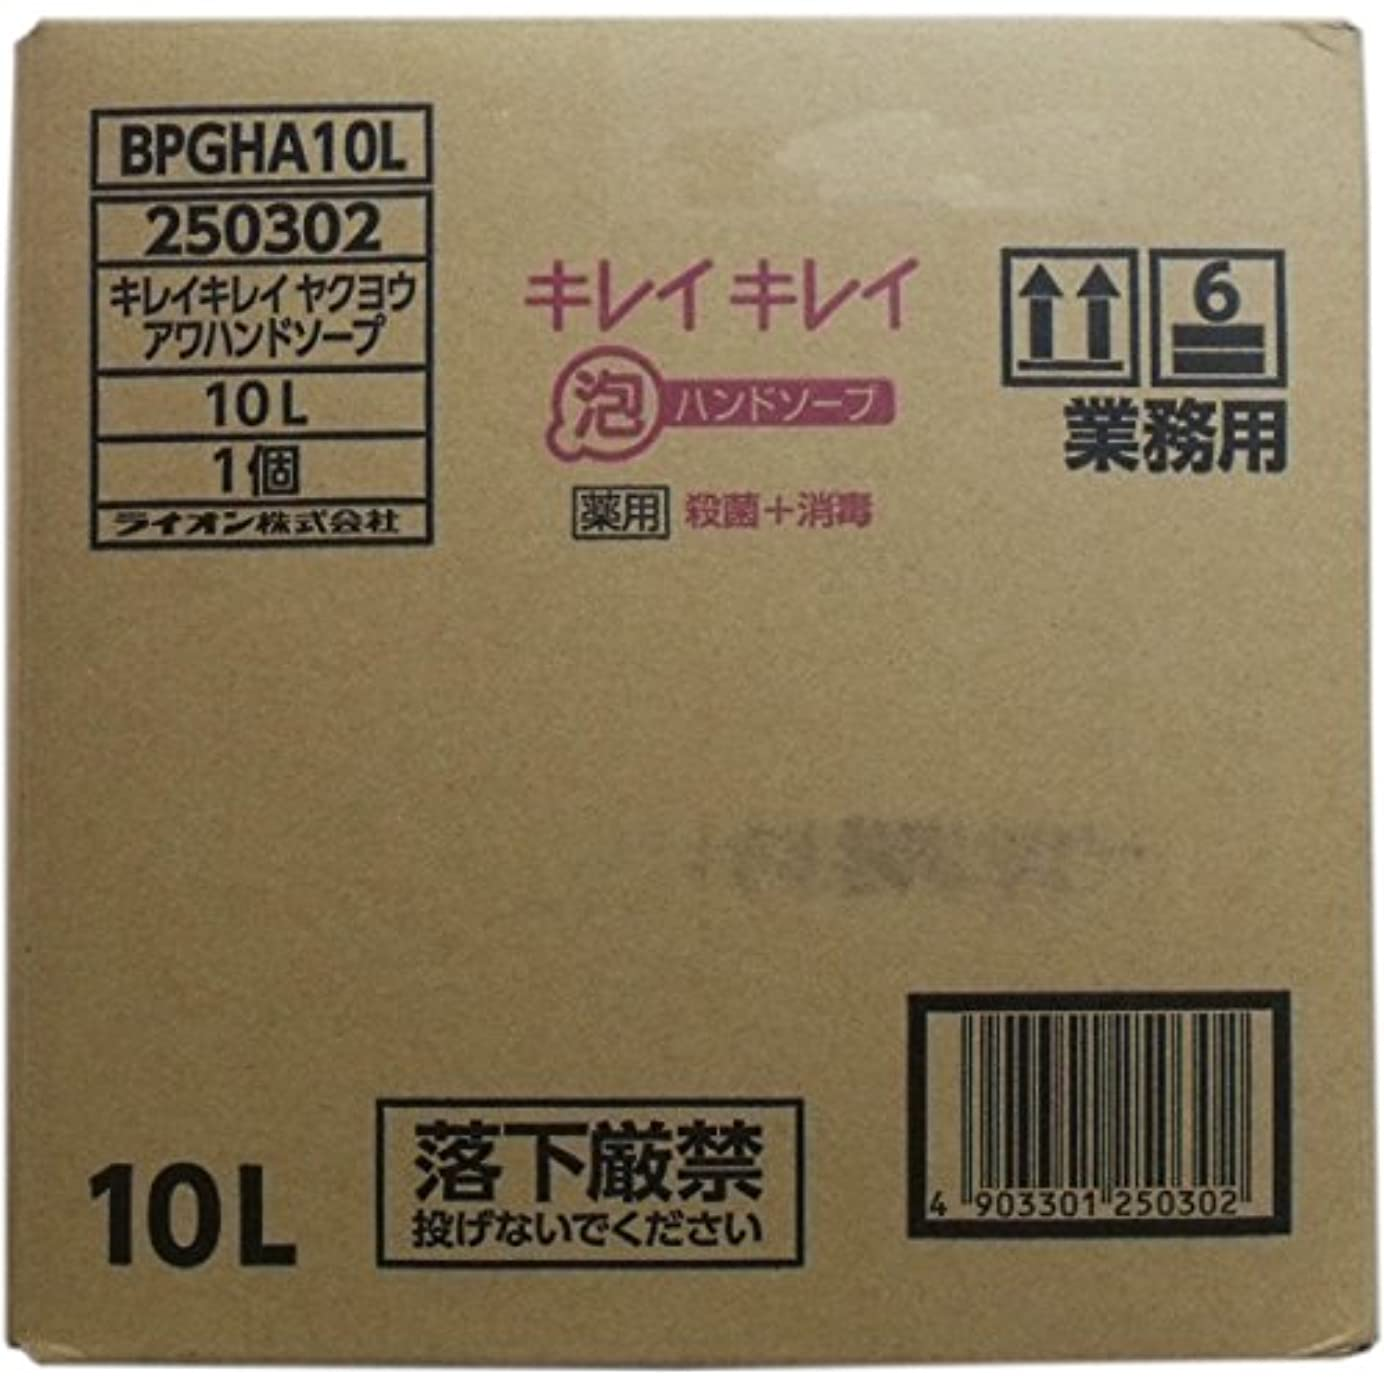 聴衆永久土砂降り業務用キレイキレイ 薬用泡ハンドソープ 10L×10個セット